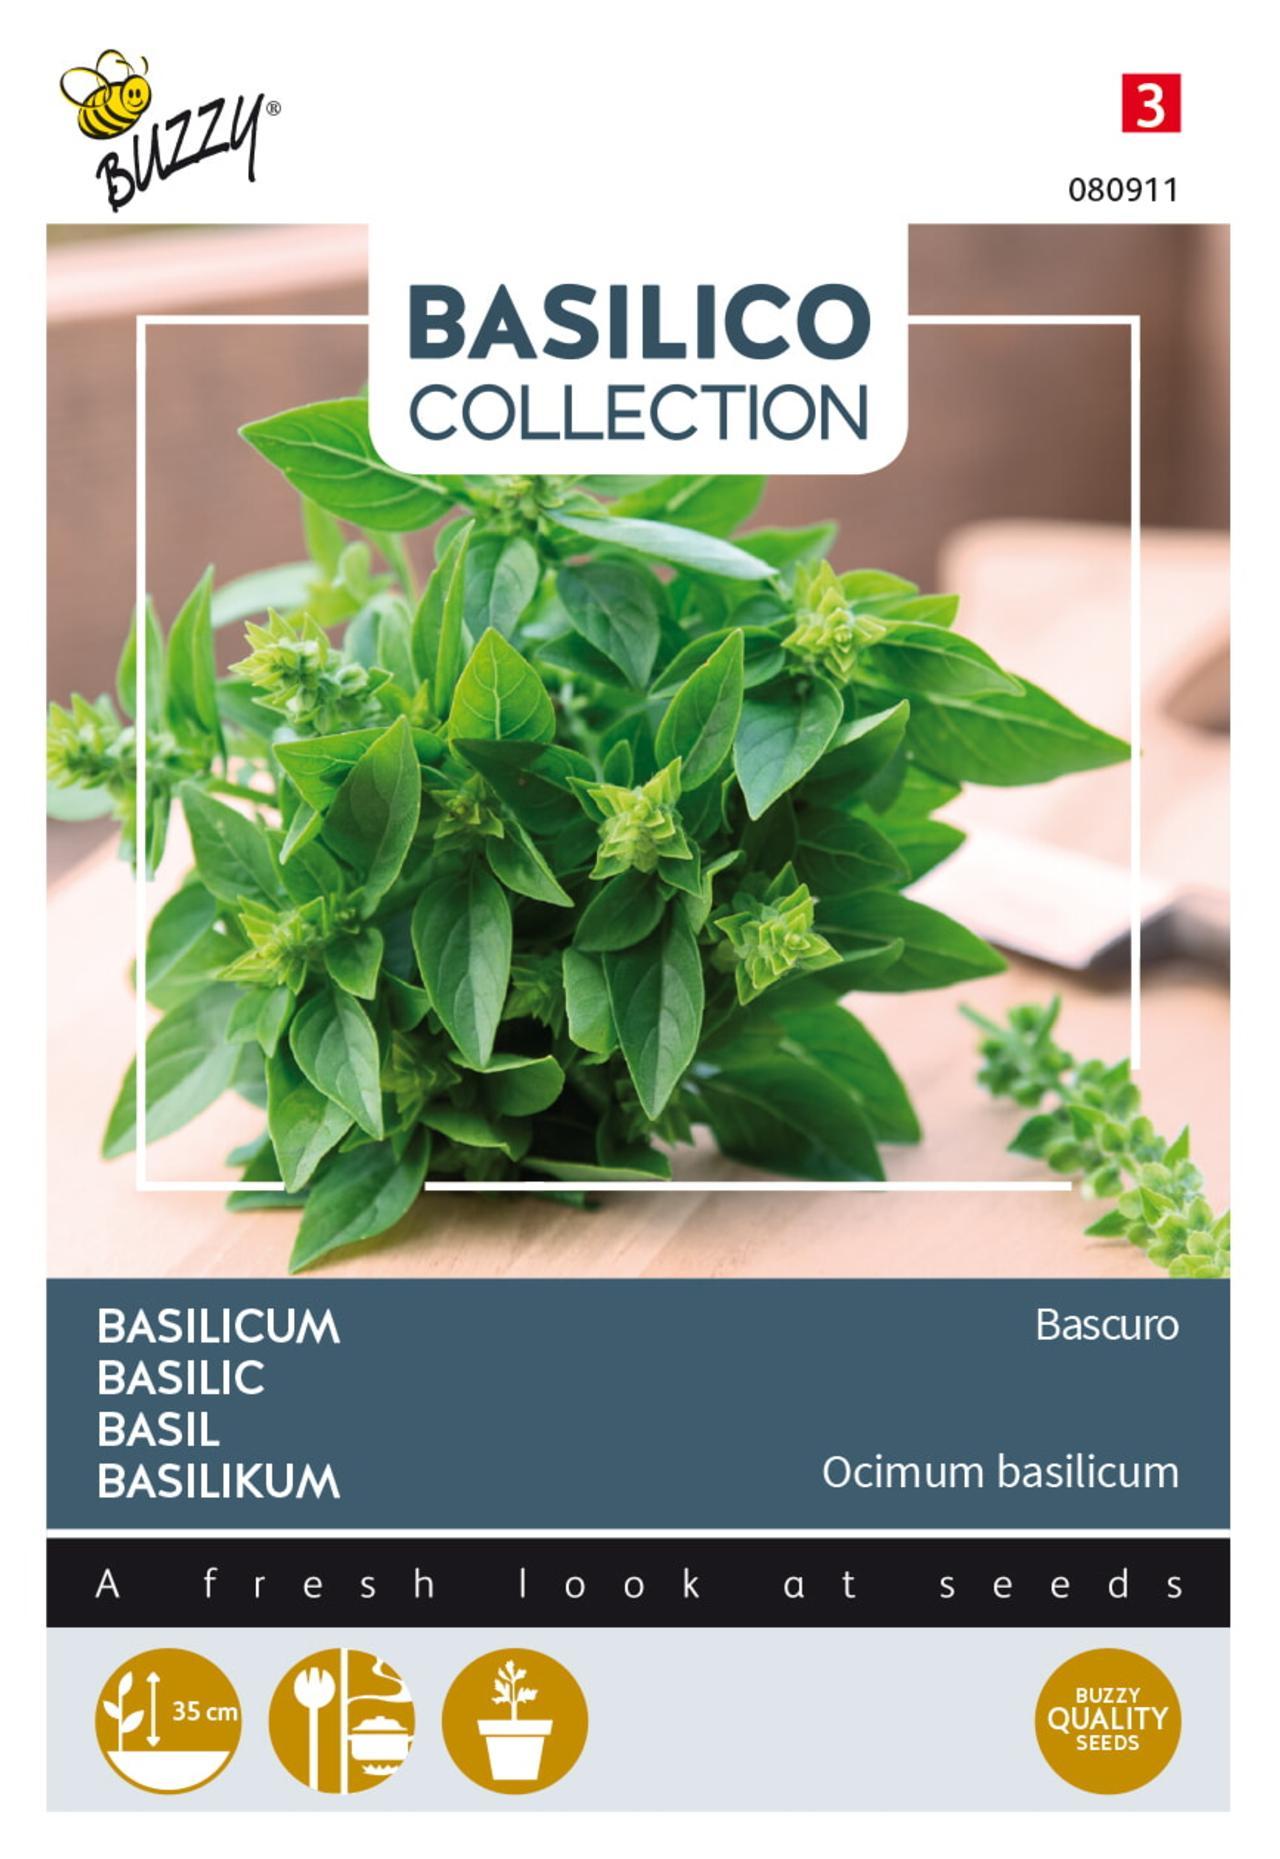 Ocimum basilicum 'Bascuro' plant